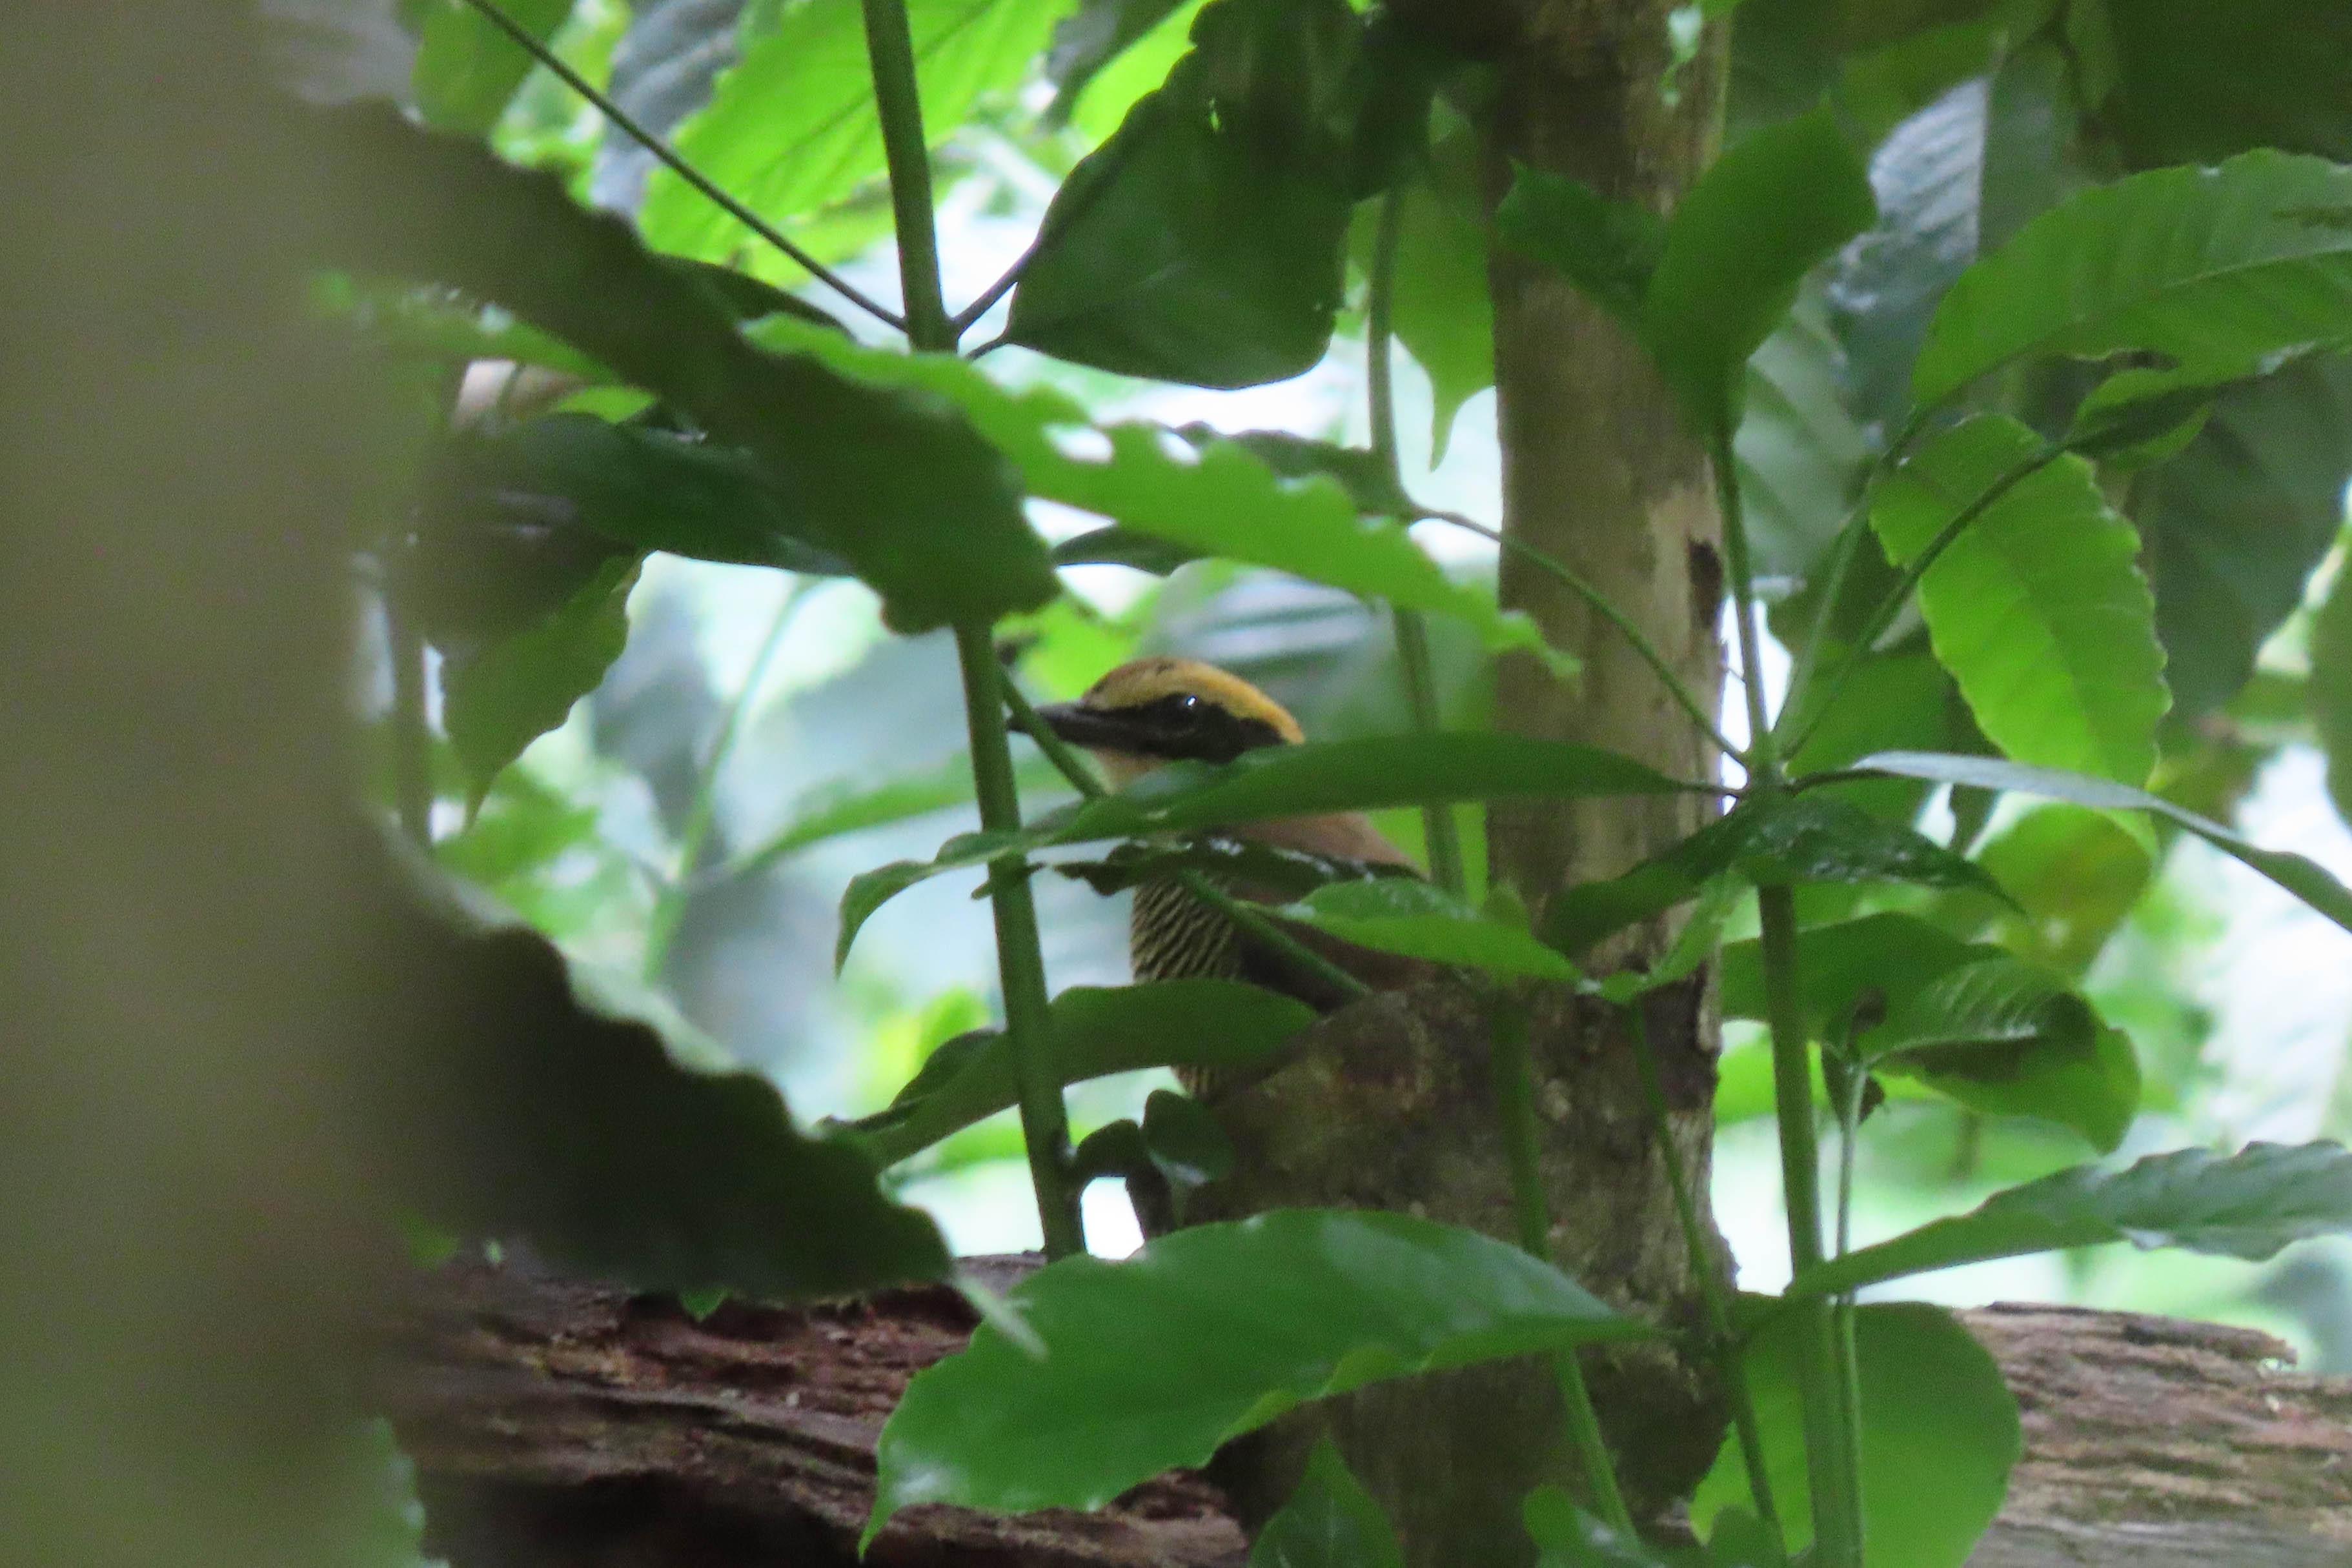 Paok pancawarna (Hydrornis guajana) menelisik untuk mencari mangsa di atas tanah. Paok pancawarna menjadi salah satu burung yang dilindungi oleh pemerintah. Yopi Haryandi